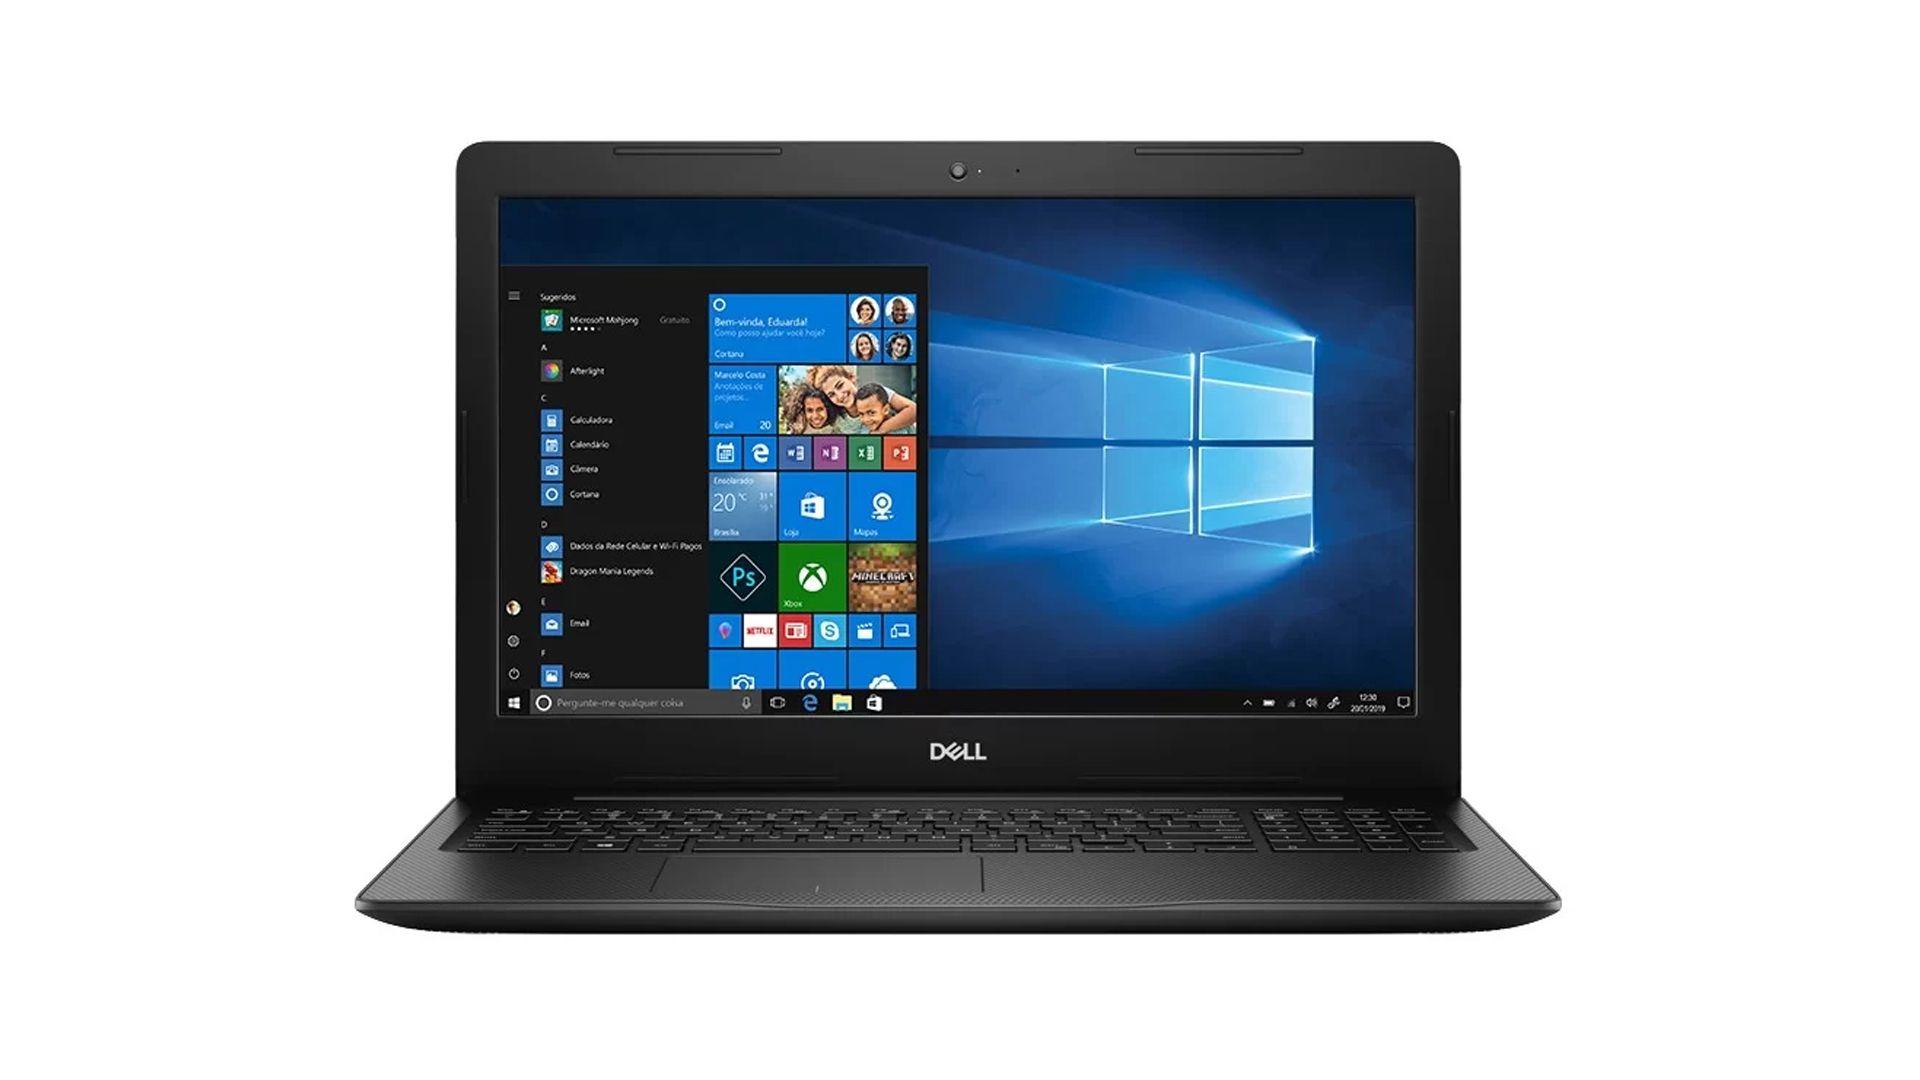 Tela do notebook de 15,6 polegadas promete imagens brilhante em resolução HD (Foto: Divulgação/Dell)